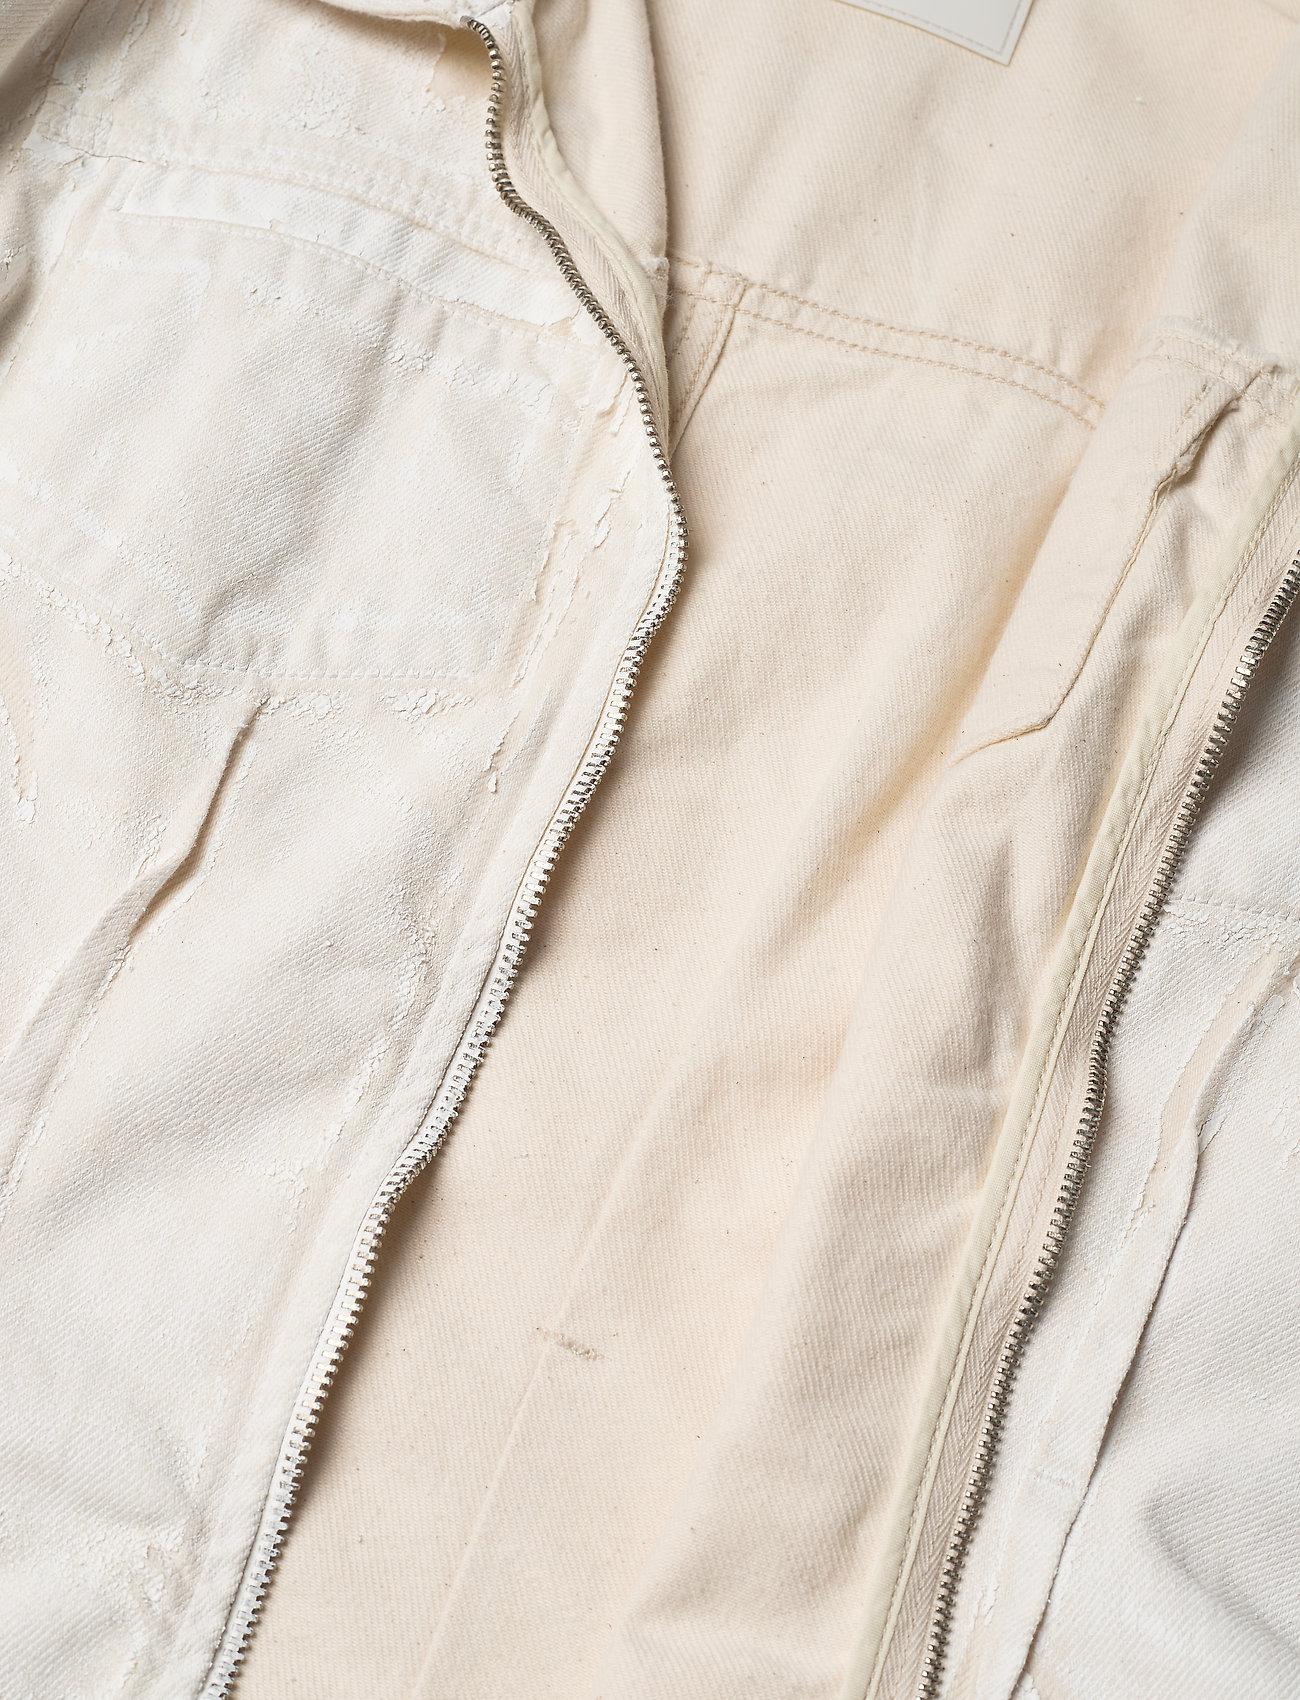 Sportmax - ABISSO - leichte jacken - white - 4